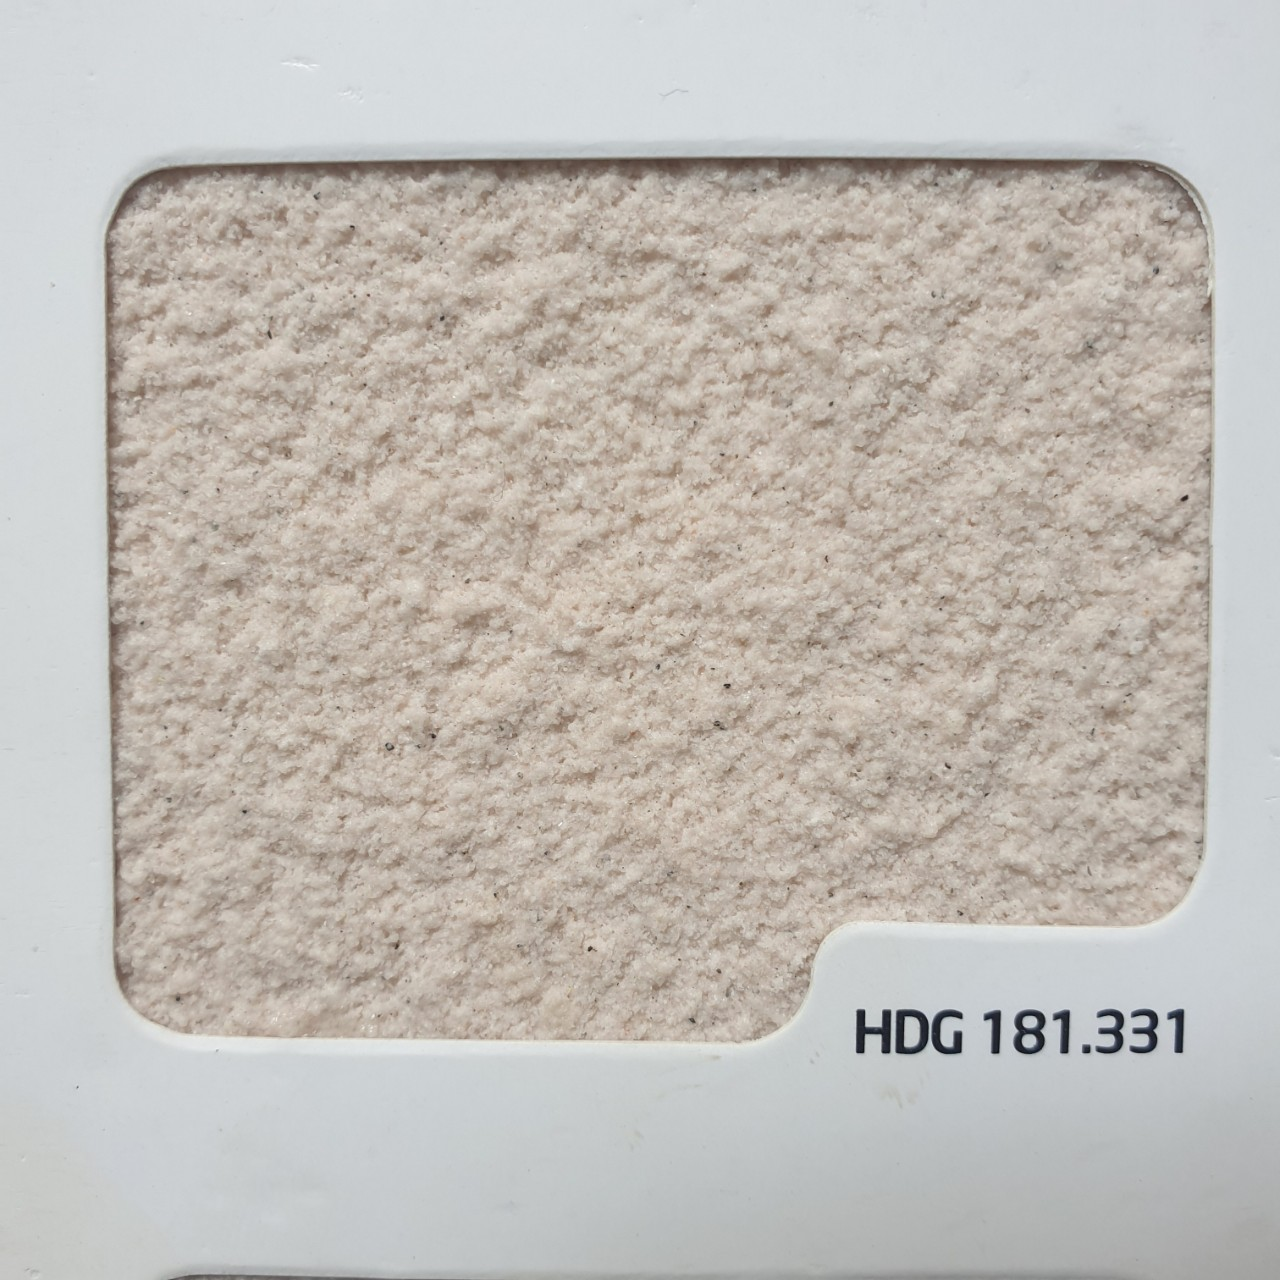 SƠN ĐƠN SẮC HDG 181.331